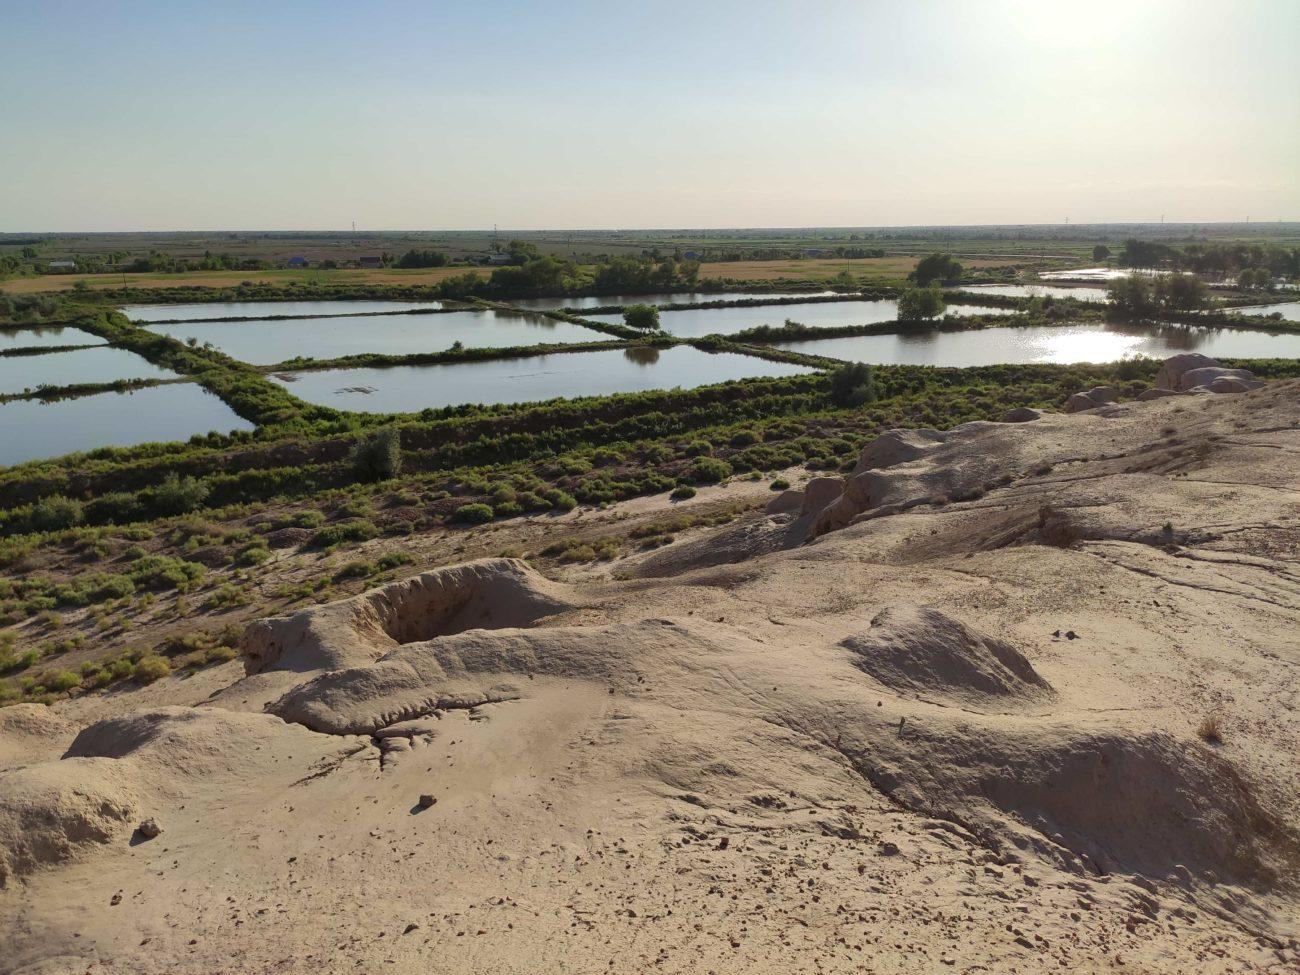 Usbekistan Grenze einfach Bild des Tages